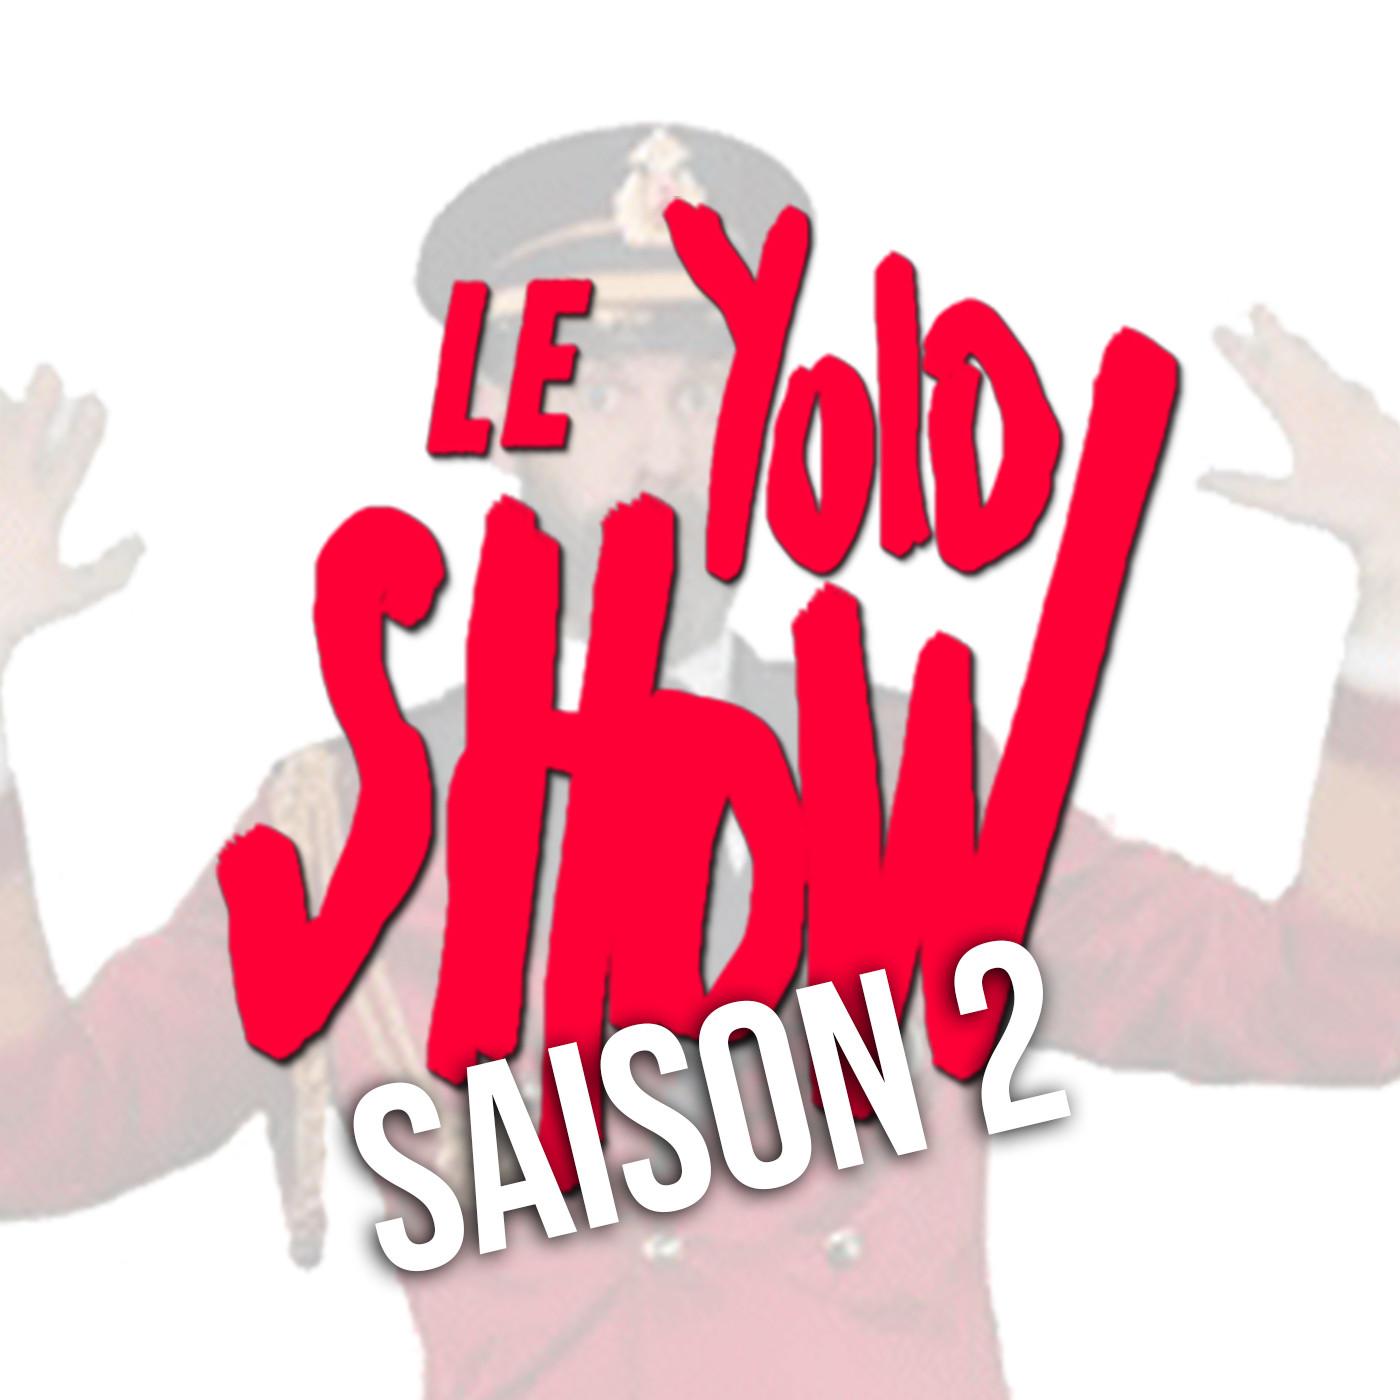 Le Retour De L'hypnose - LE YOLO SHOW S2 Emission du 13 01 2021